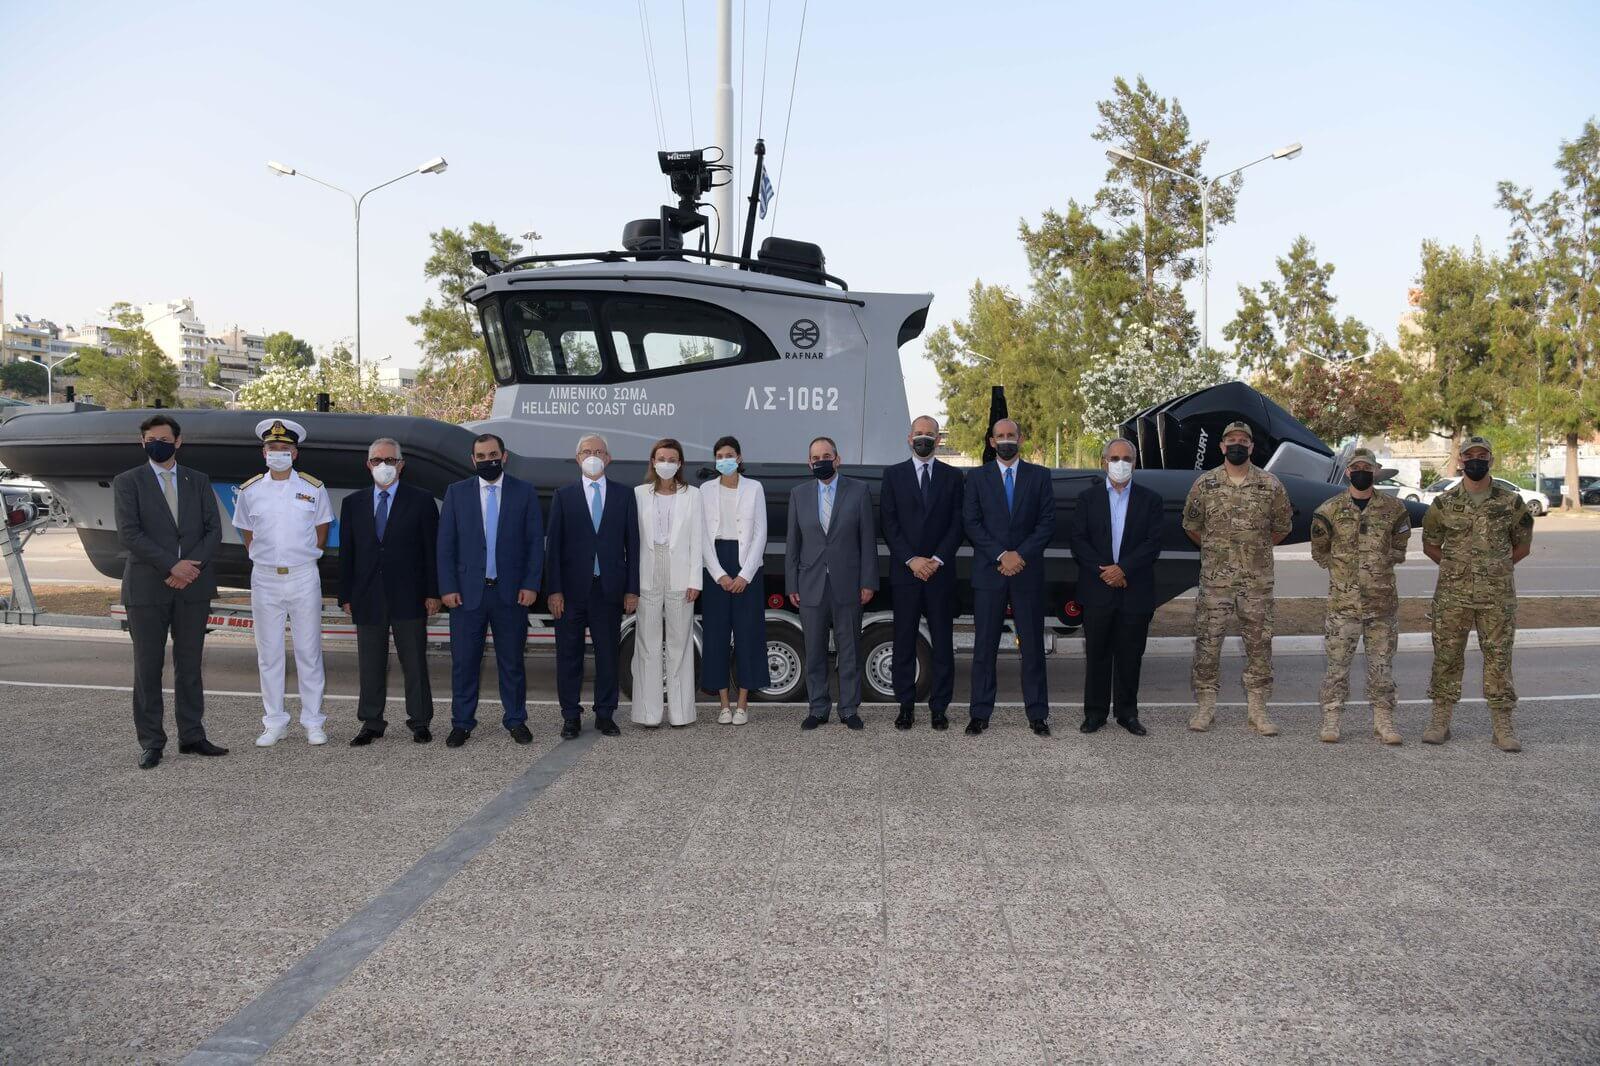 Εντάχθηκαν στον στόλο του Λιμενικού Σώματος τα τέσσερα τελευταία υπερσύγχρονα ταχύπλοα περιπολικά σκάφη